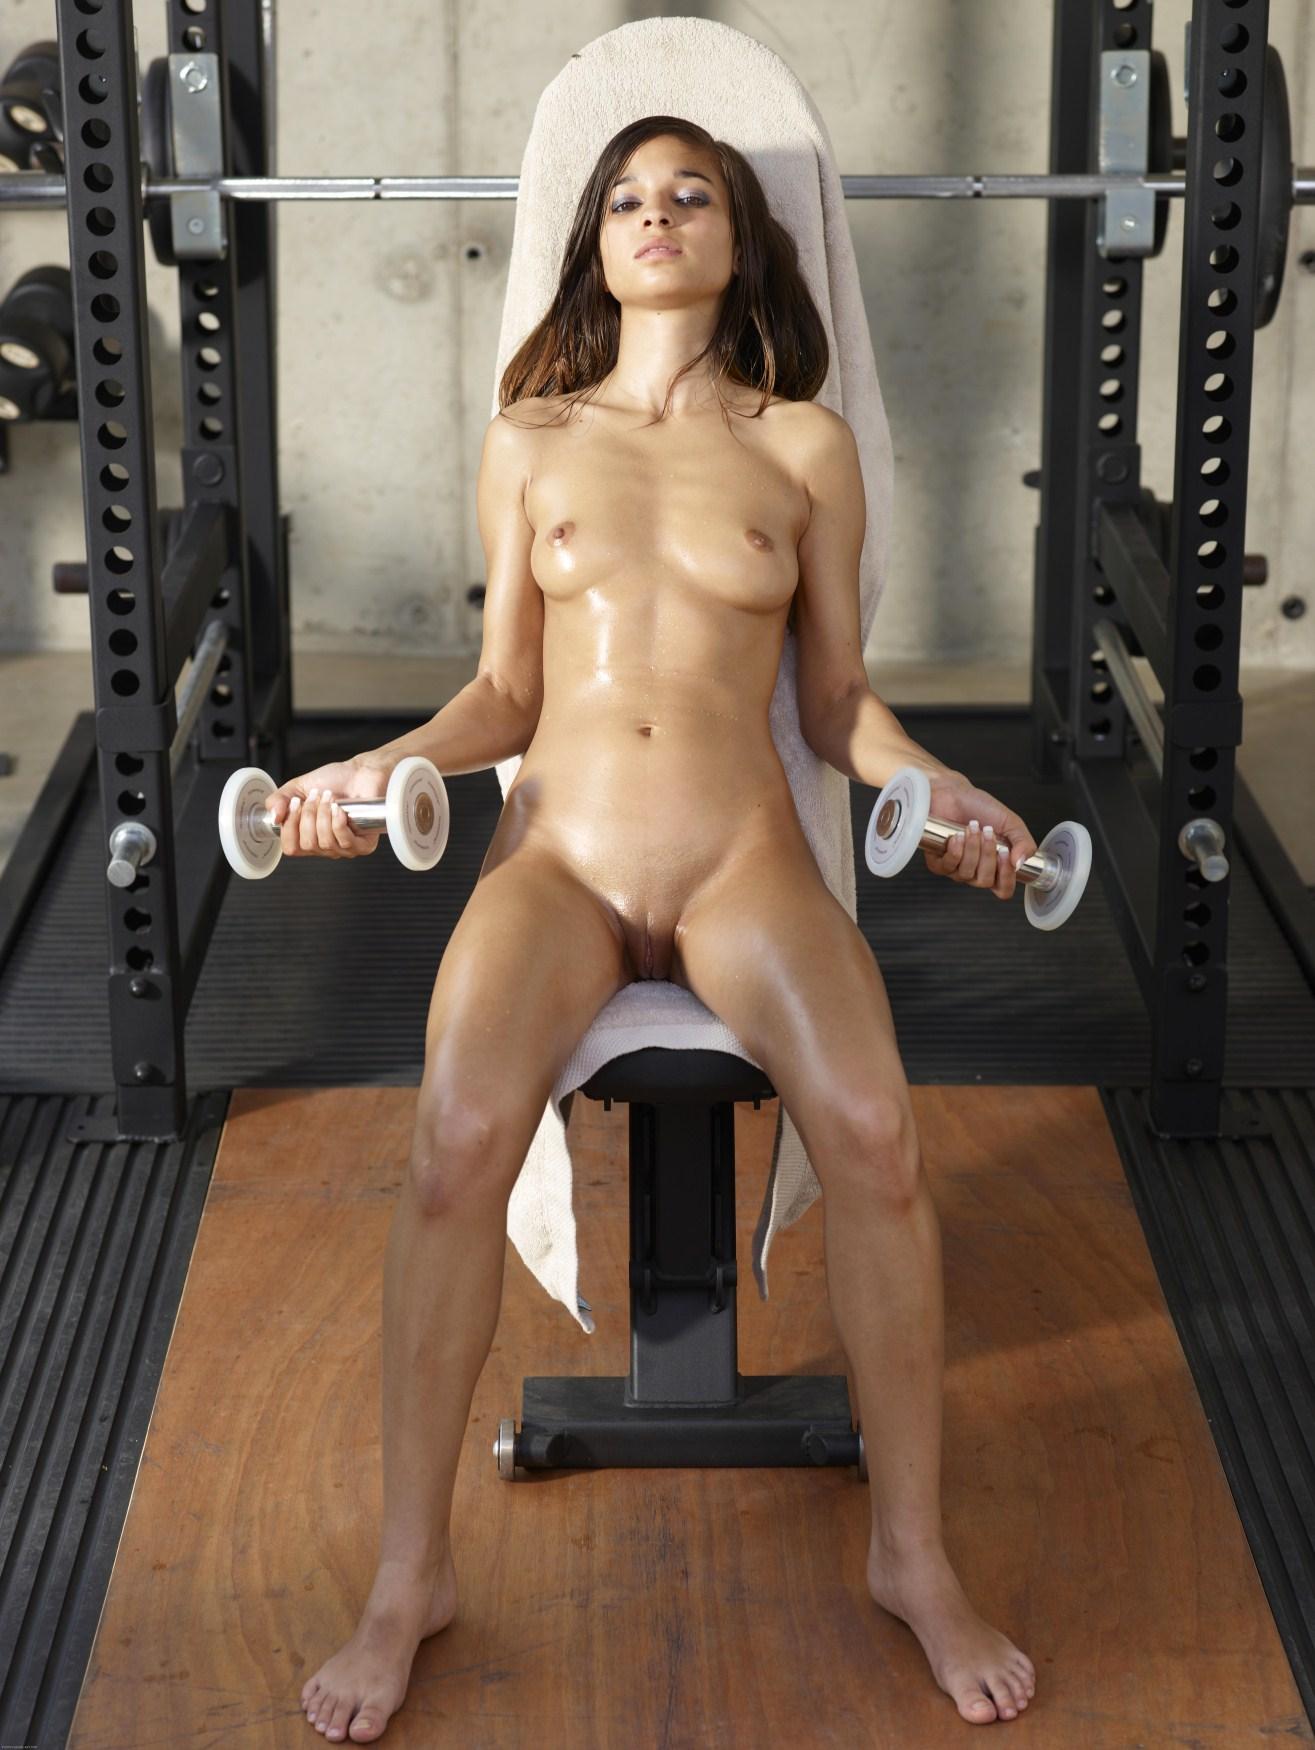 Фото красивых девушек занимающихся спортом голые 19 фотография